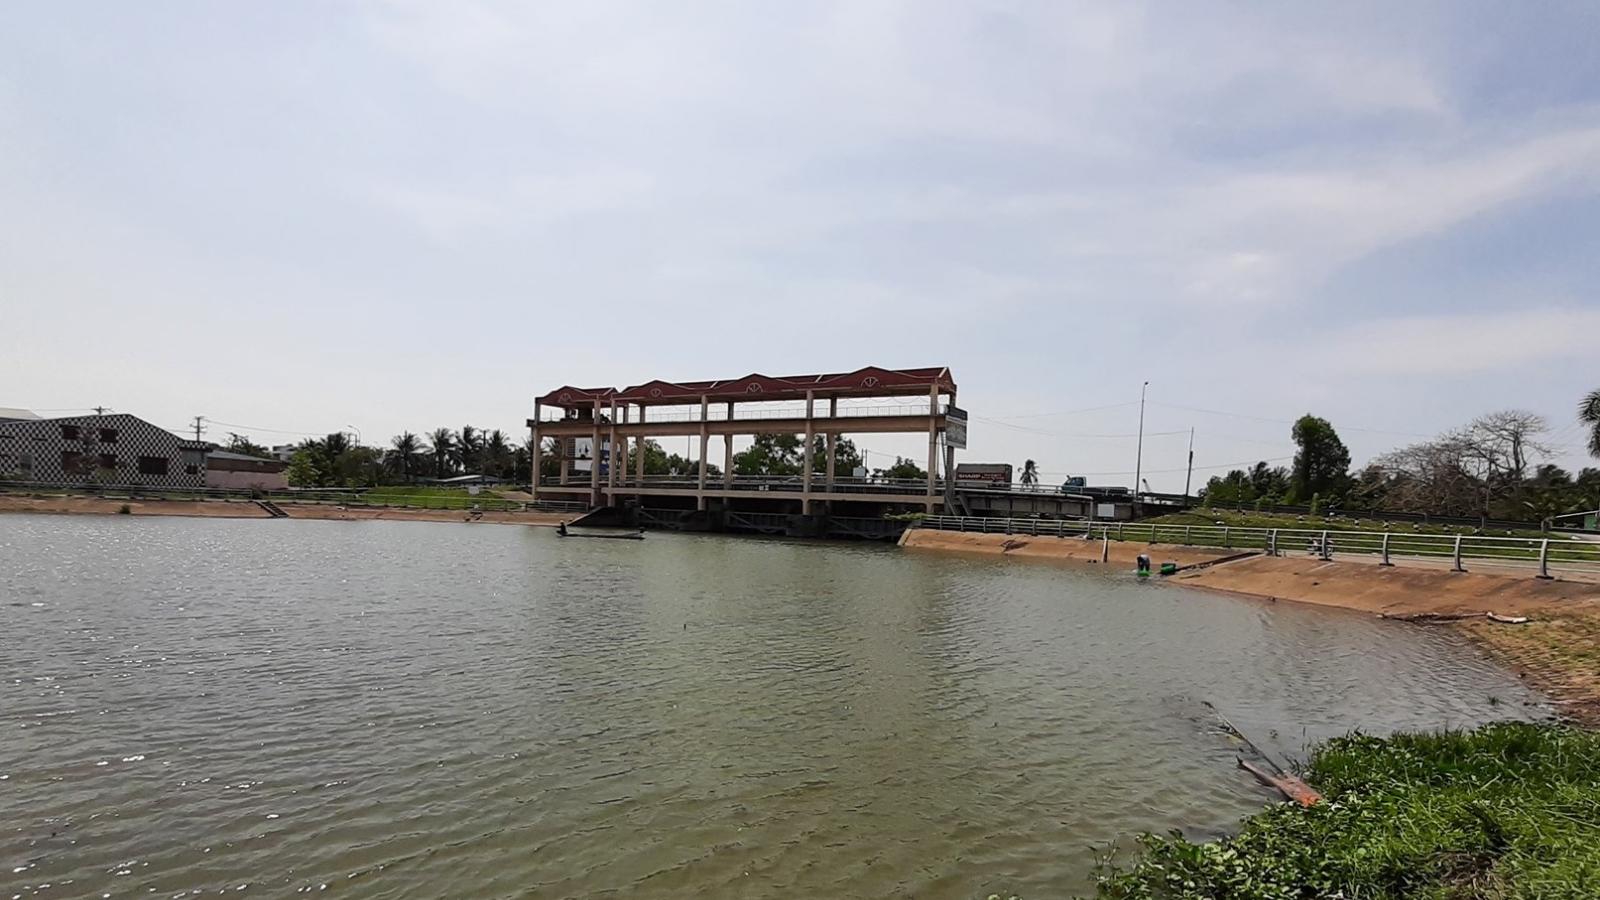 Sẽ đầu tư gần 880 tỷ đồng xây dựng 6 cống, đập kiên cố ngăn mặn, trữ ngọt ven sông Tiền